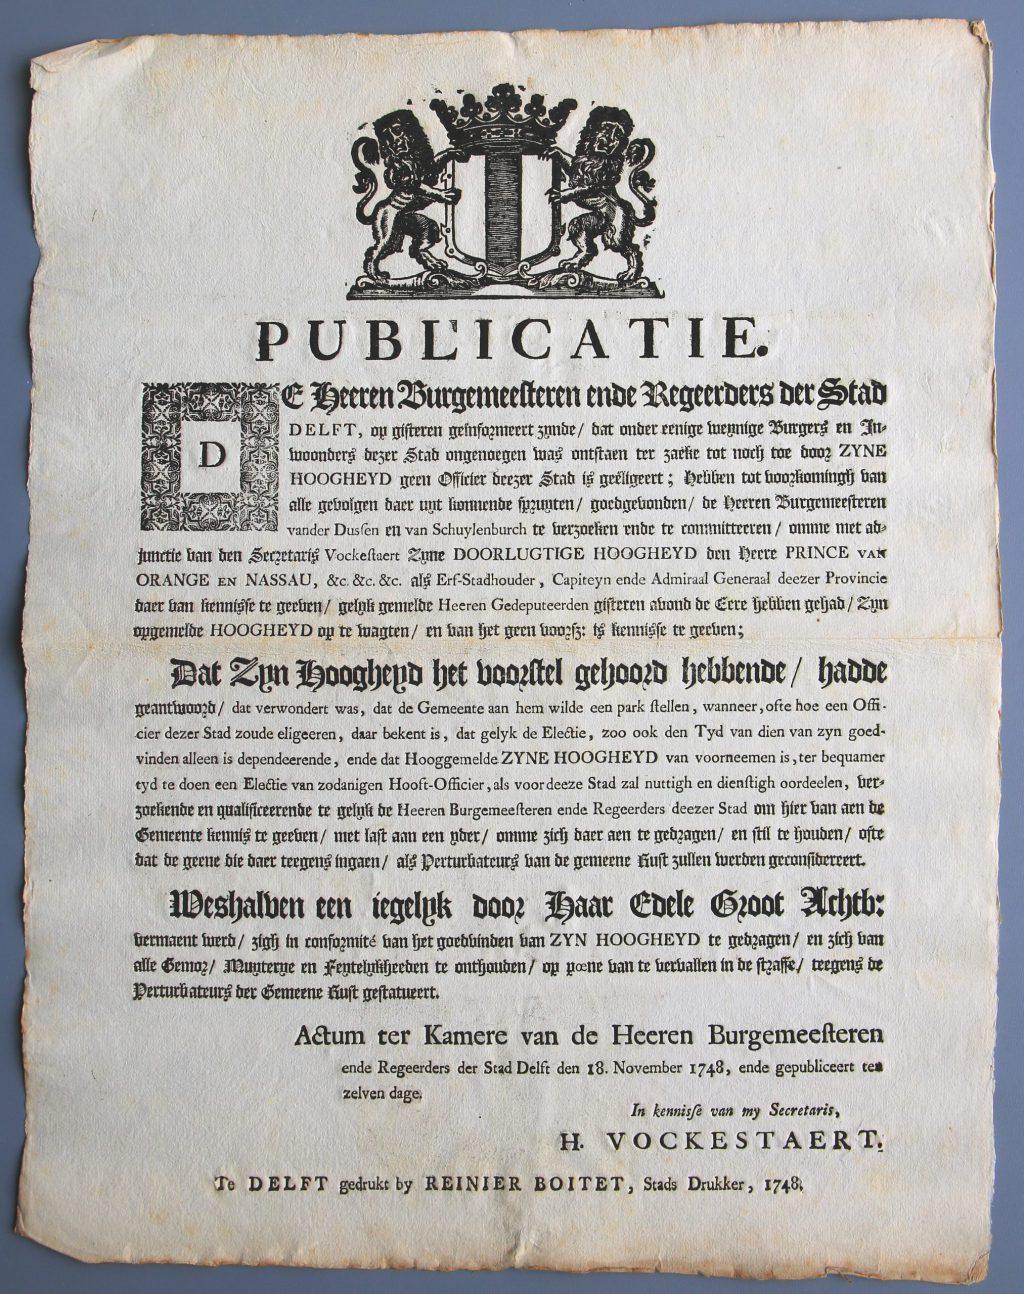 Publicatie van het stadsbestuur, met bevel aan de inwoners om de rust te bewaren (Archief 1, inv.nr 512)]